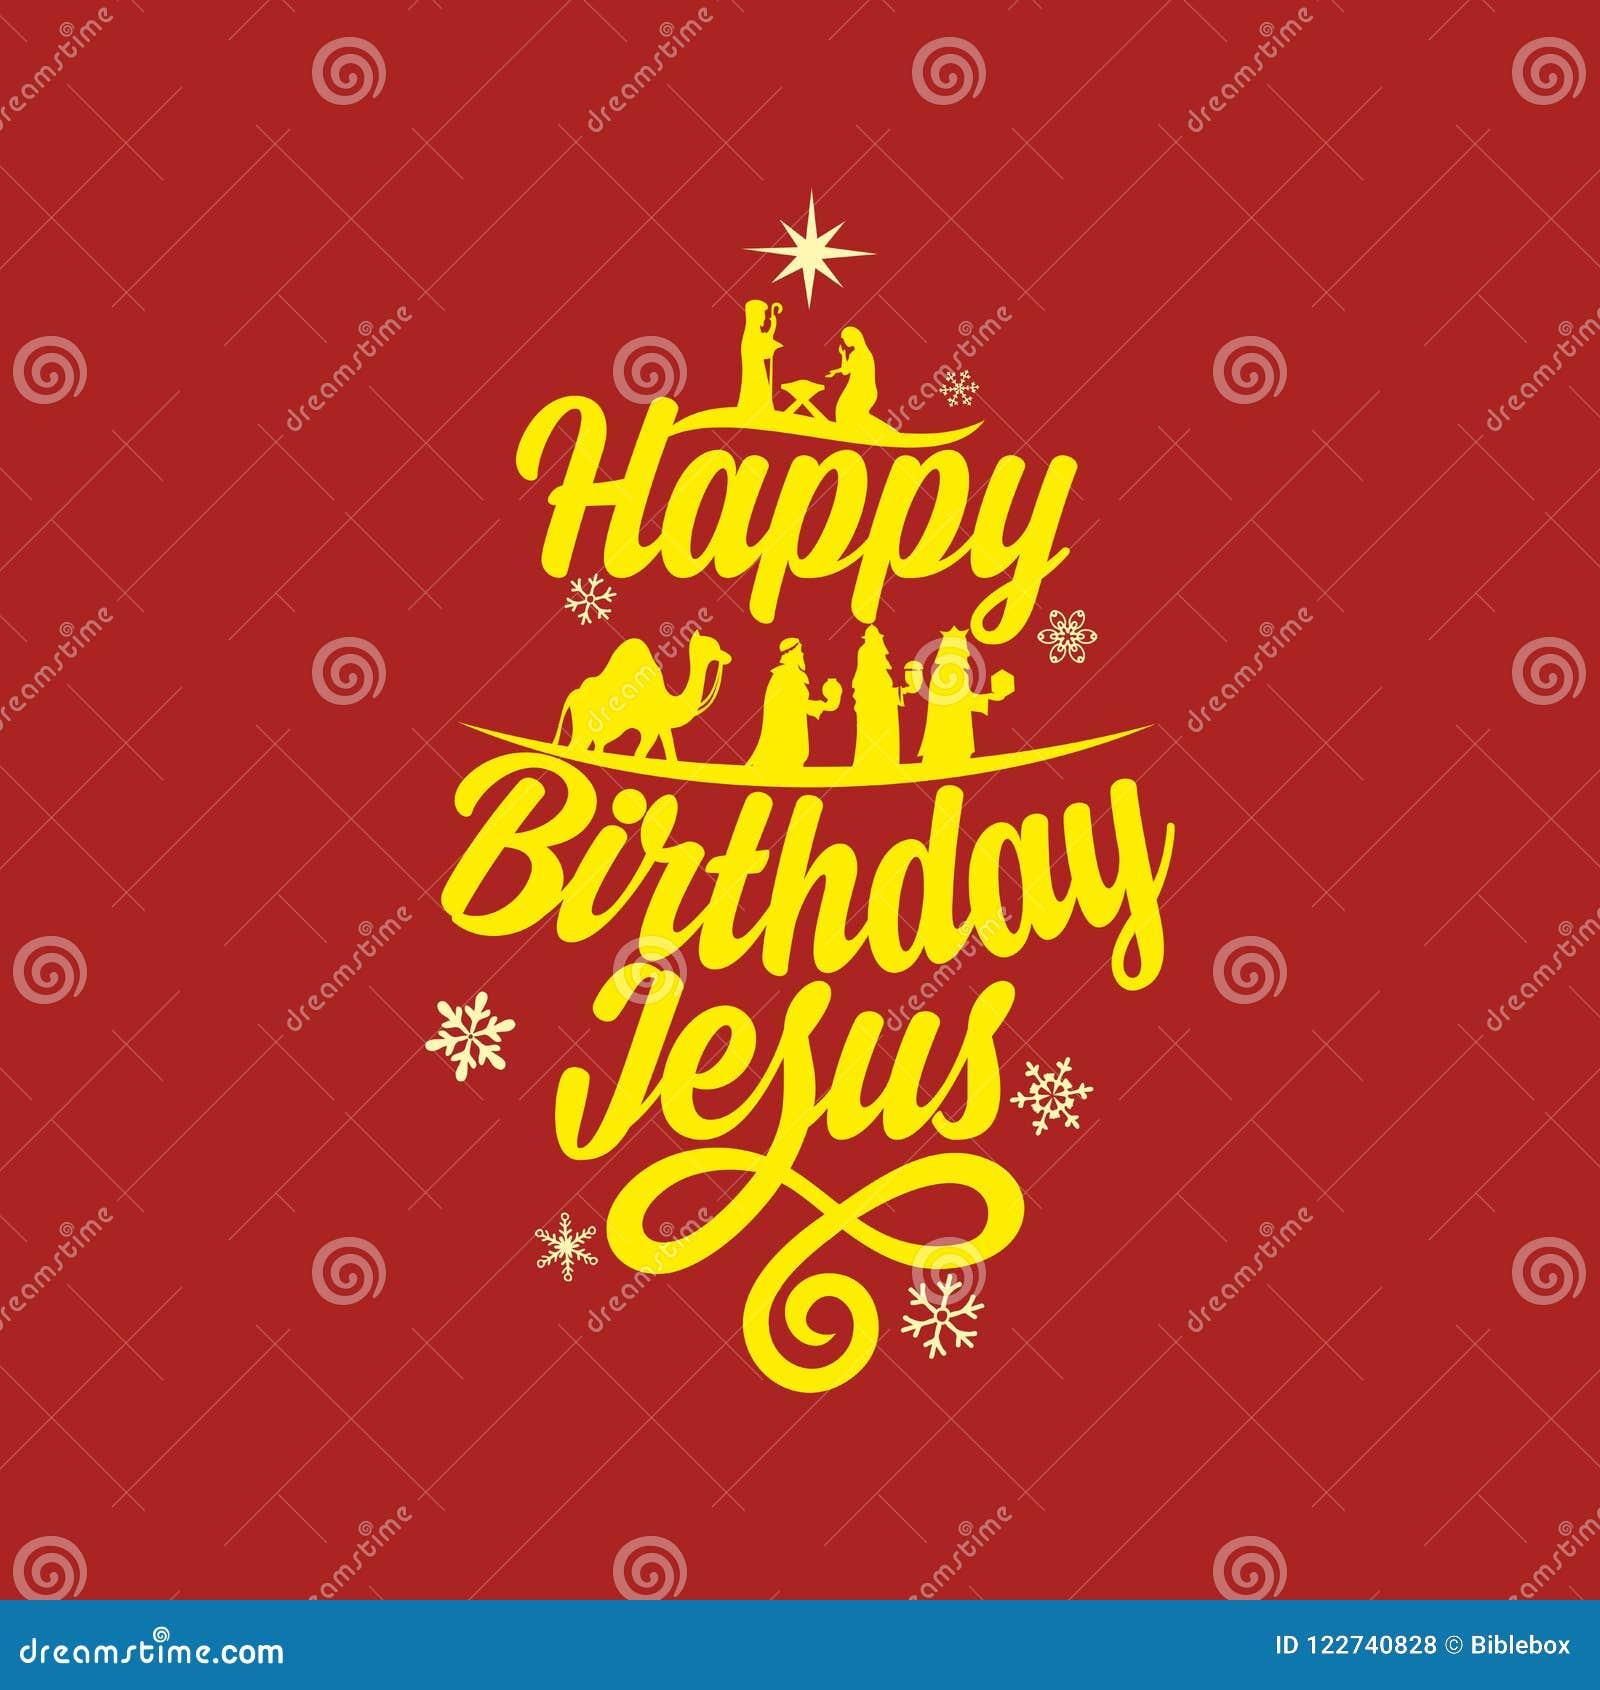 Frohe Weihnachten Männer Bilder.Alles Gute Zum Geburtstag Jesus Frohe Weihnachten Vektor Abbildung